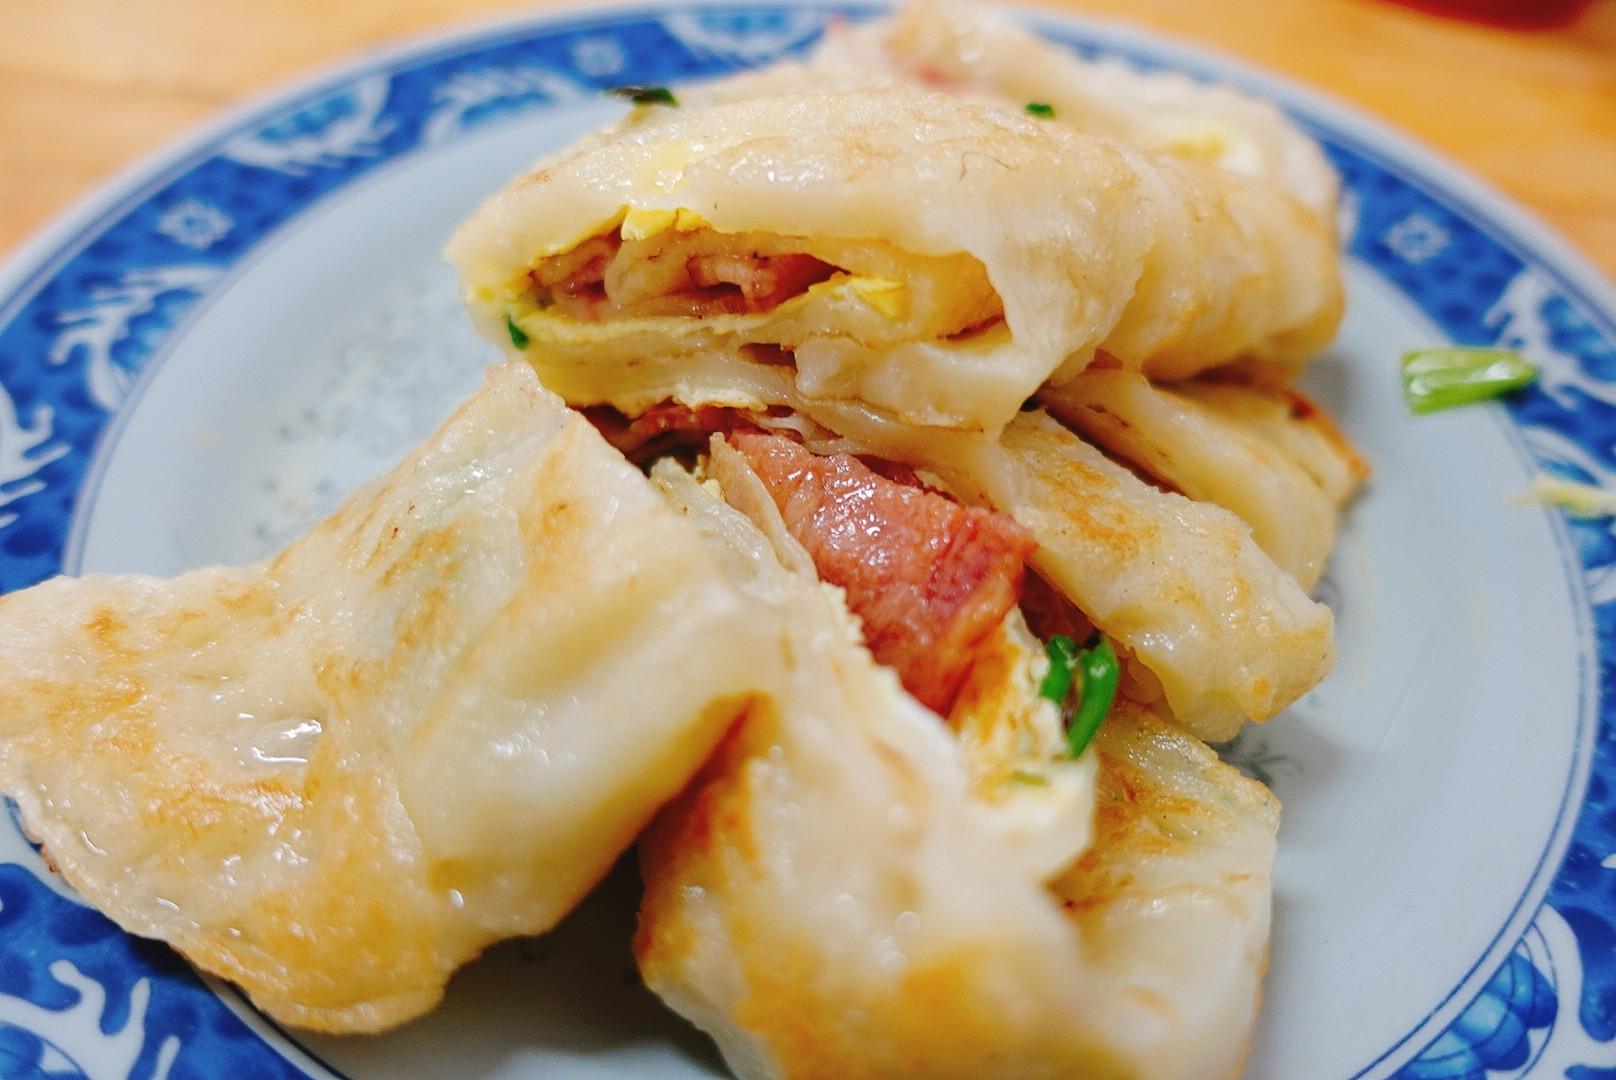 【花蓮鳳林】三理堂早餐店|堅持傳統古早味的美味厚實蛋餅